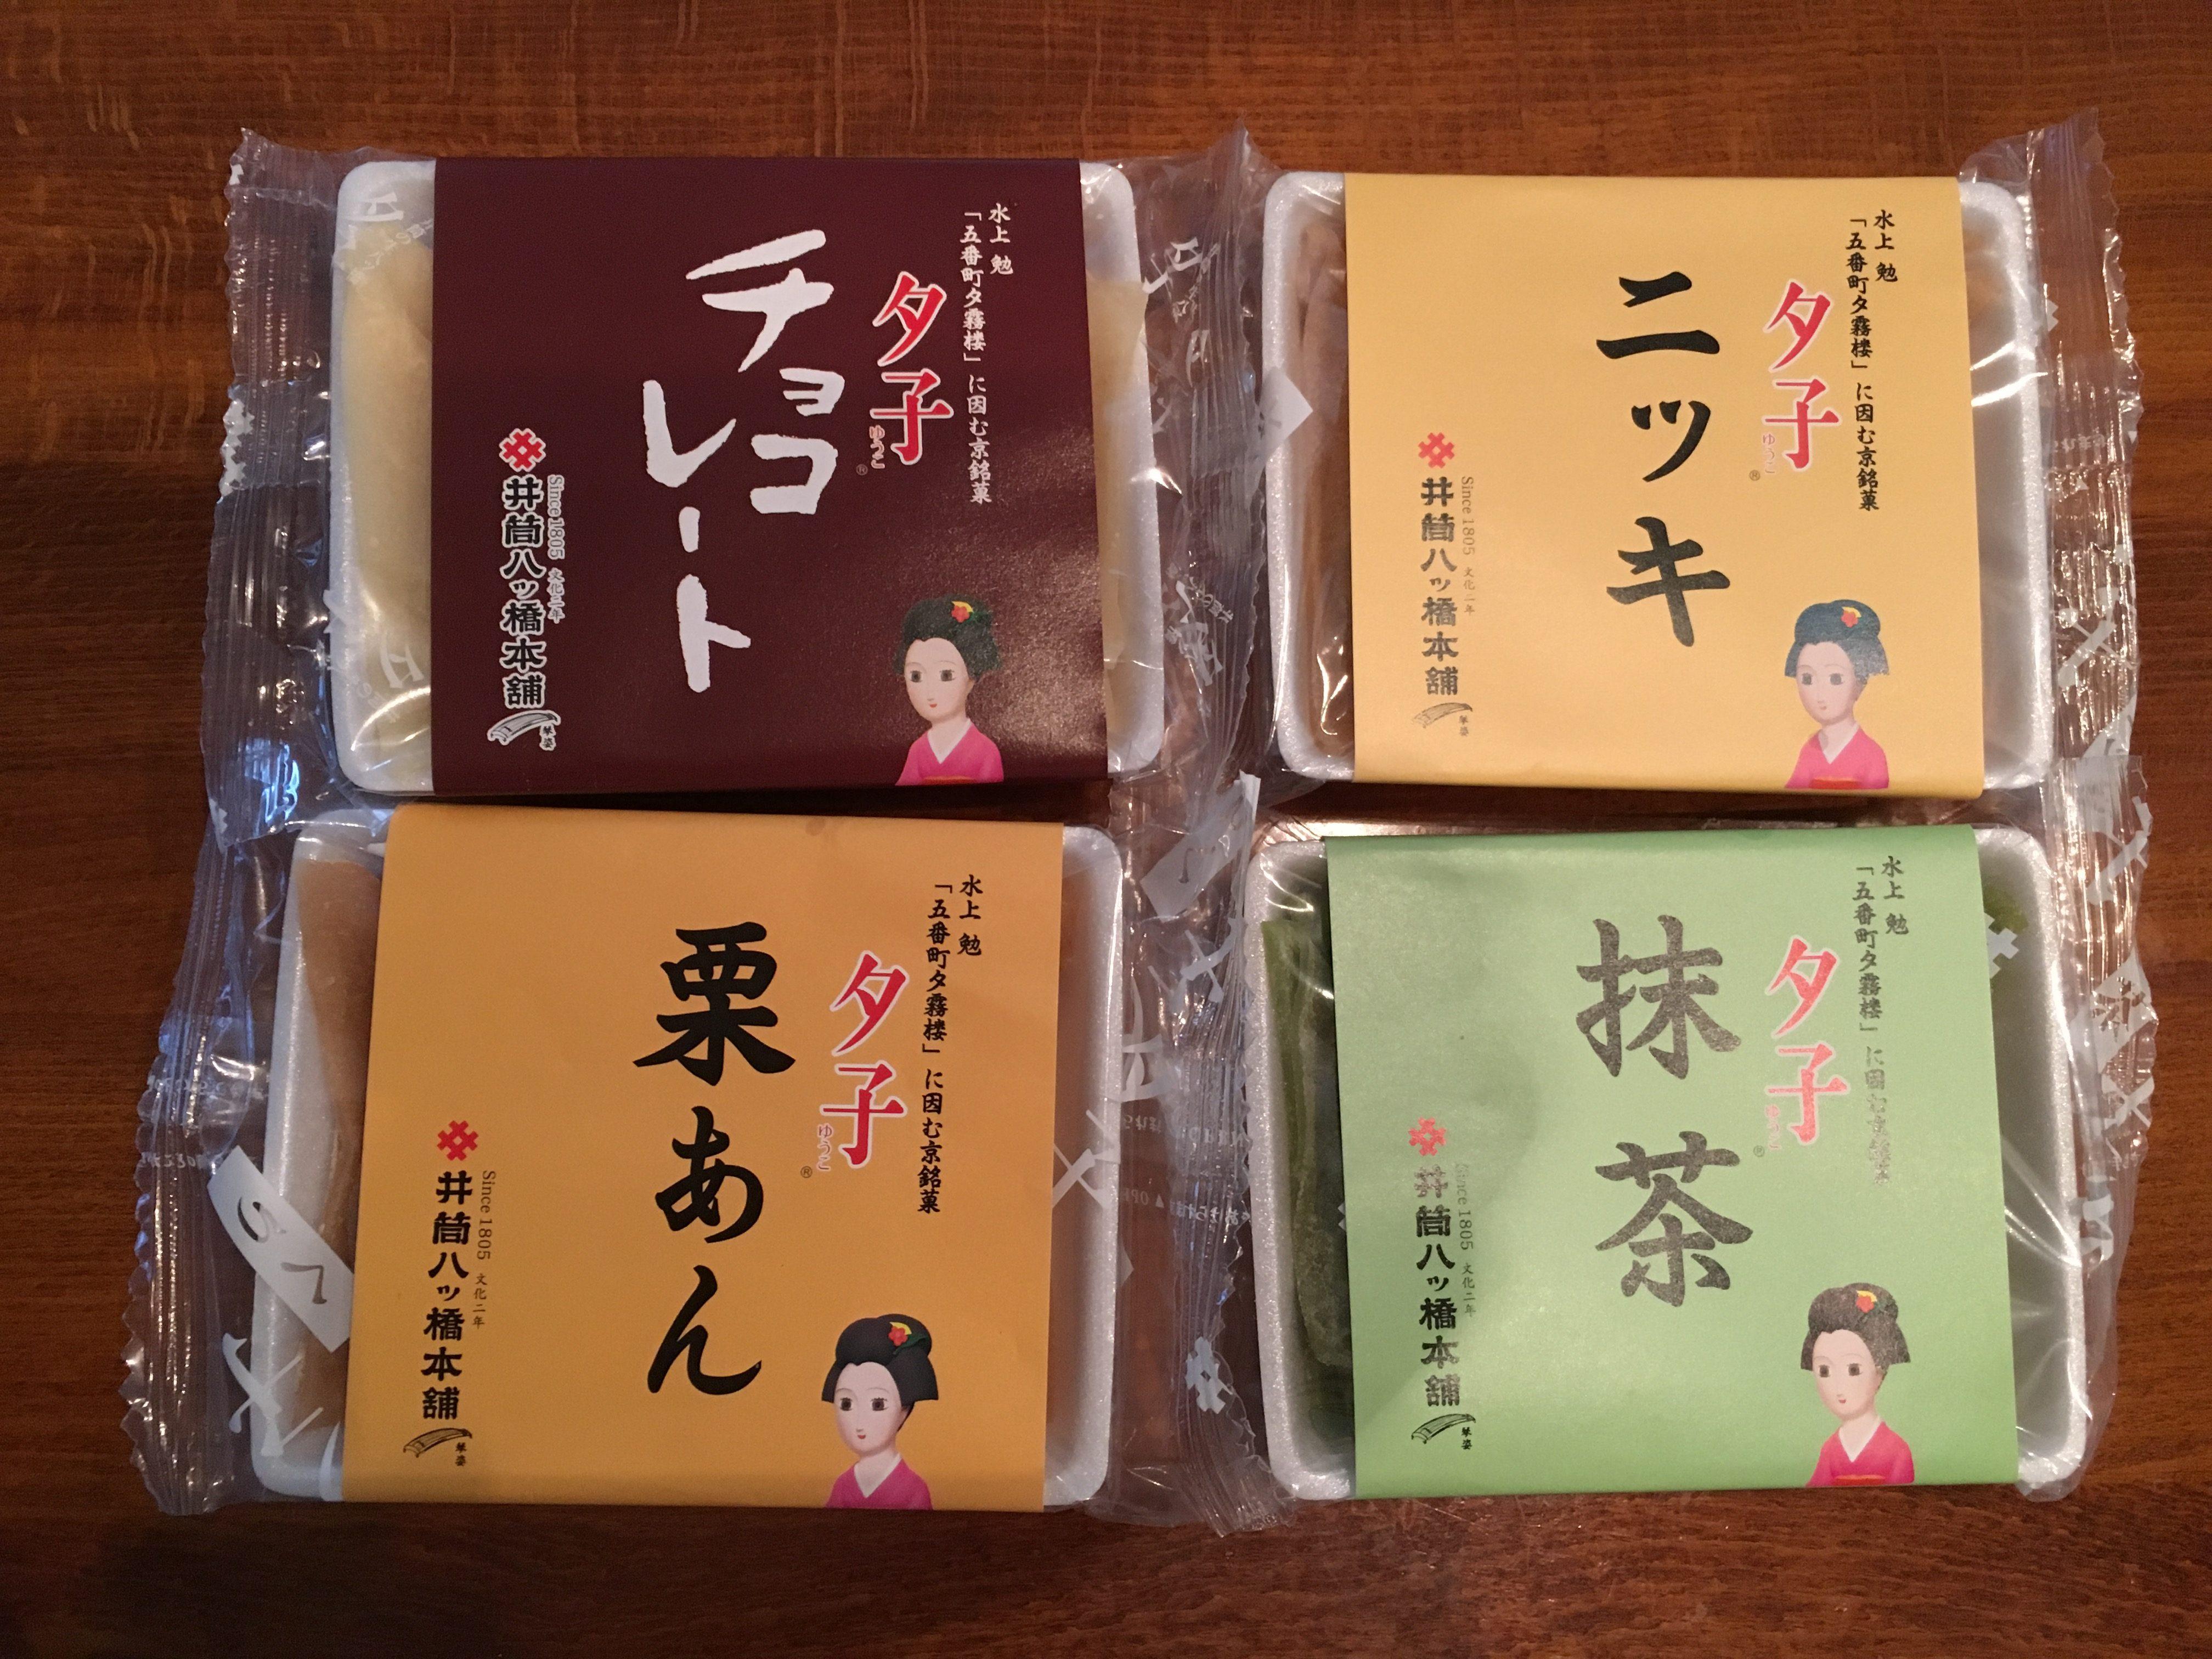 京都 井筒八ツ橋本舗の生八つ橋「夕子」4種類を食べ比べ!おすすめの味は?